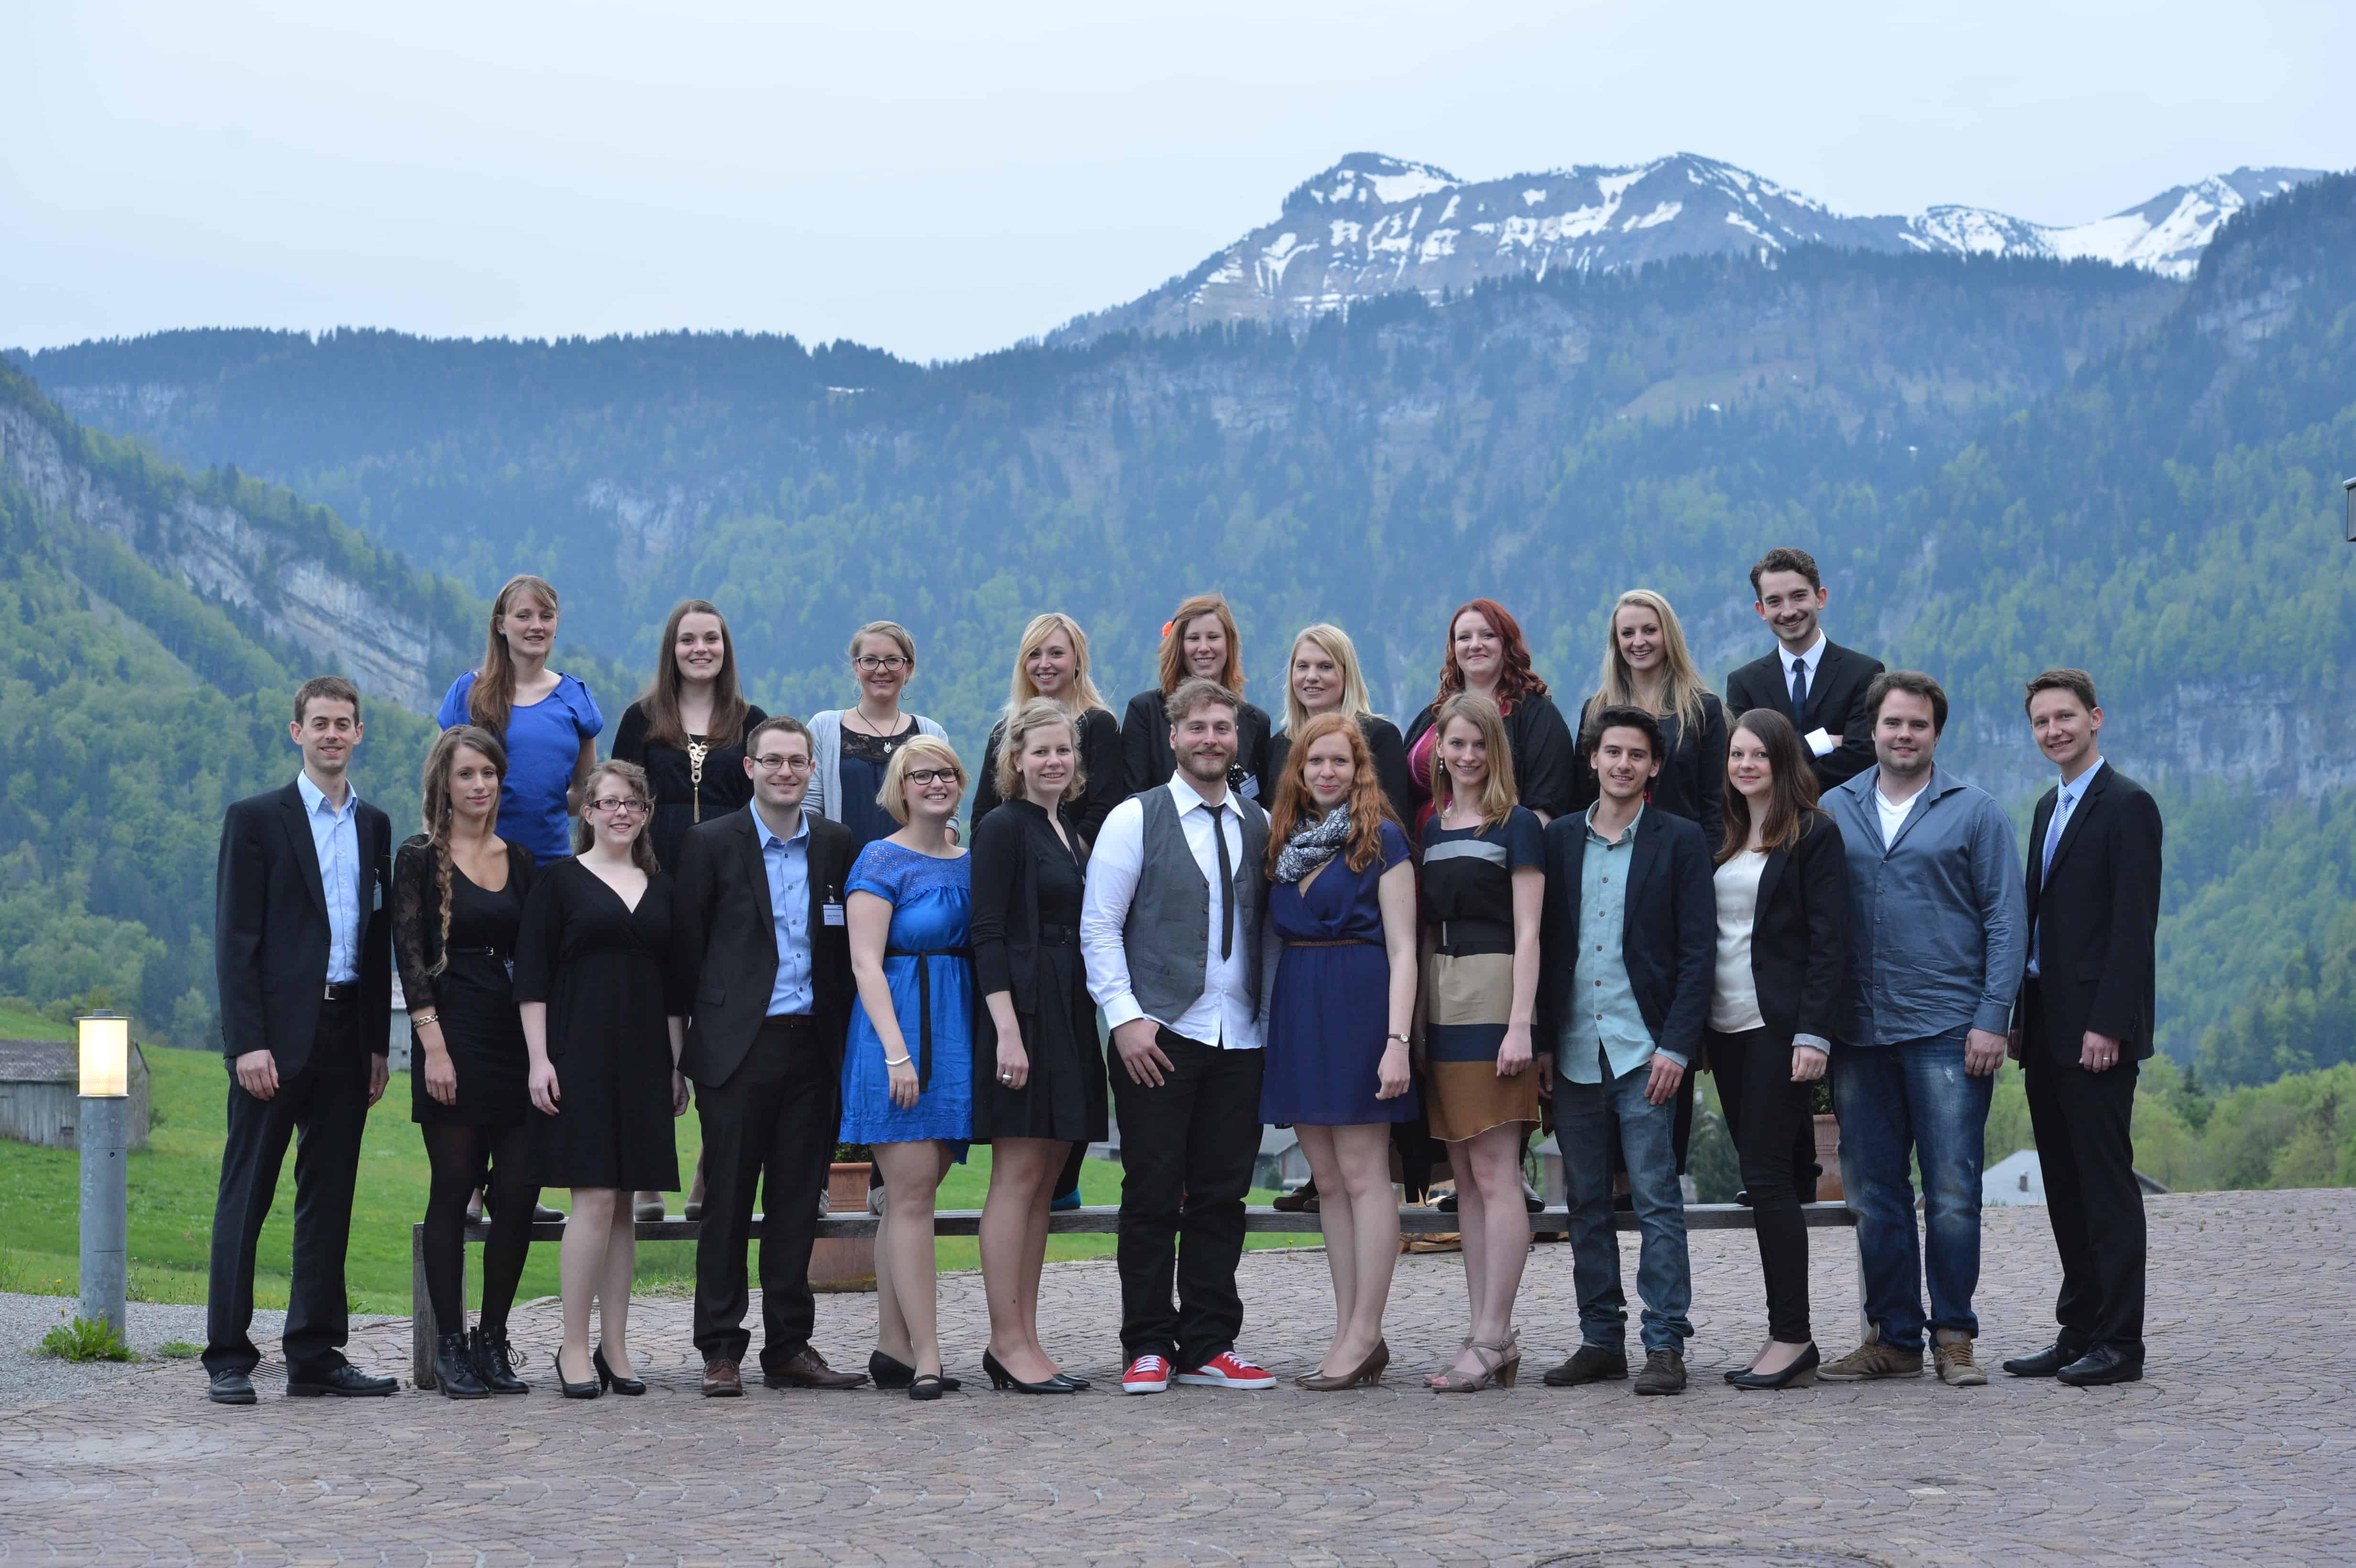 Gruppenbild der Teilnehmer des 7. TANNER-Hochschulwettbewerbs